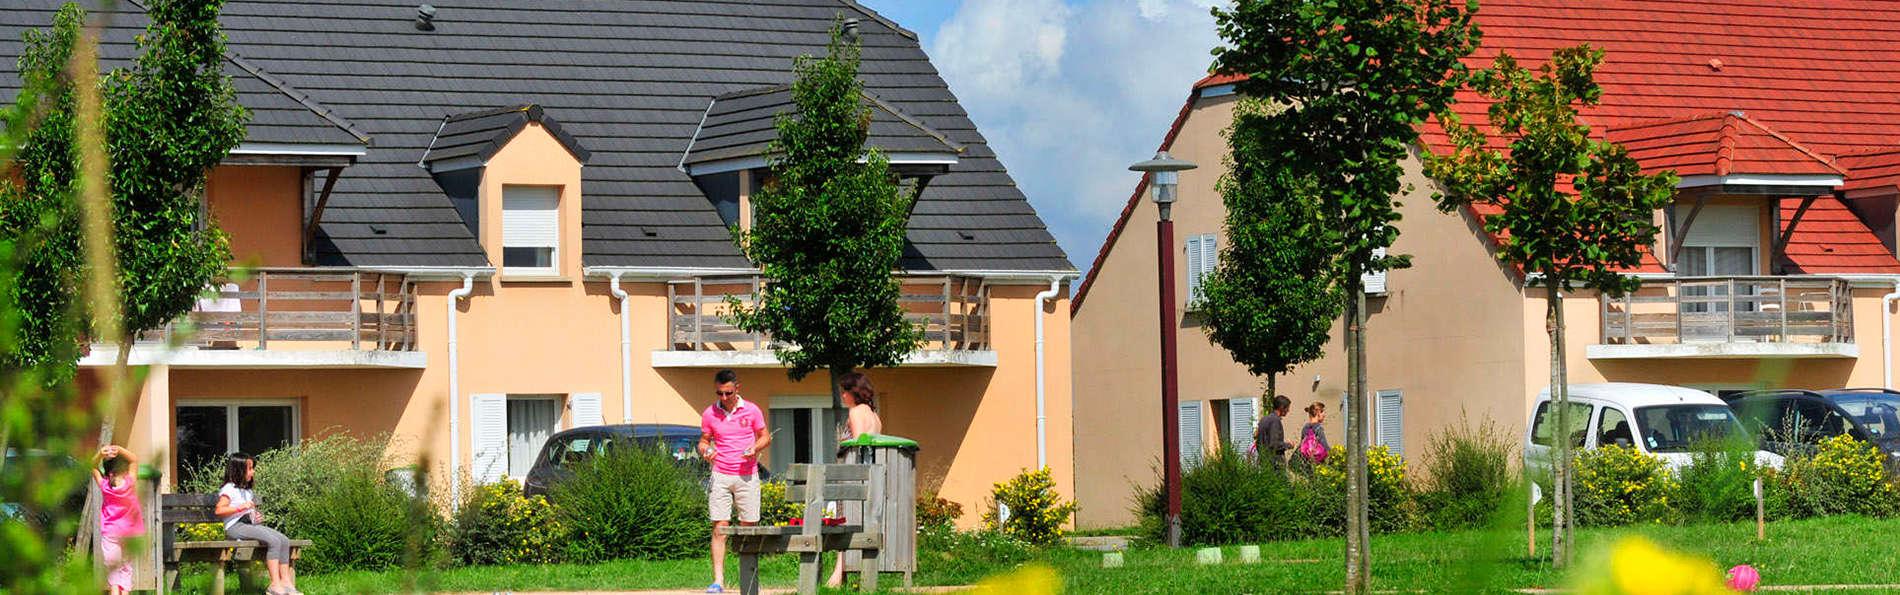 Résidence Les portes d'Honfleur - edit_surround3.jpg